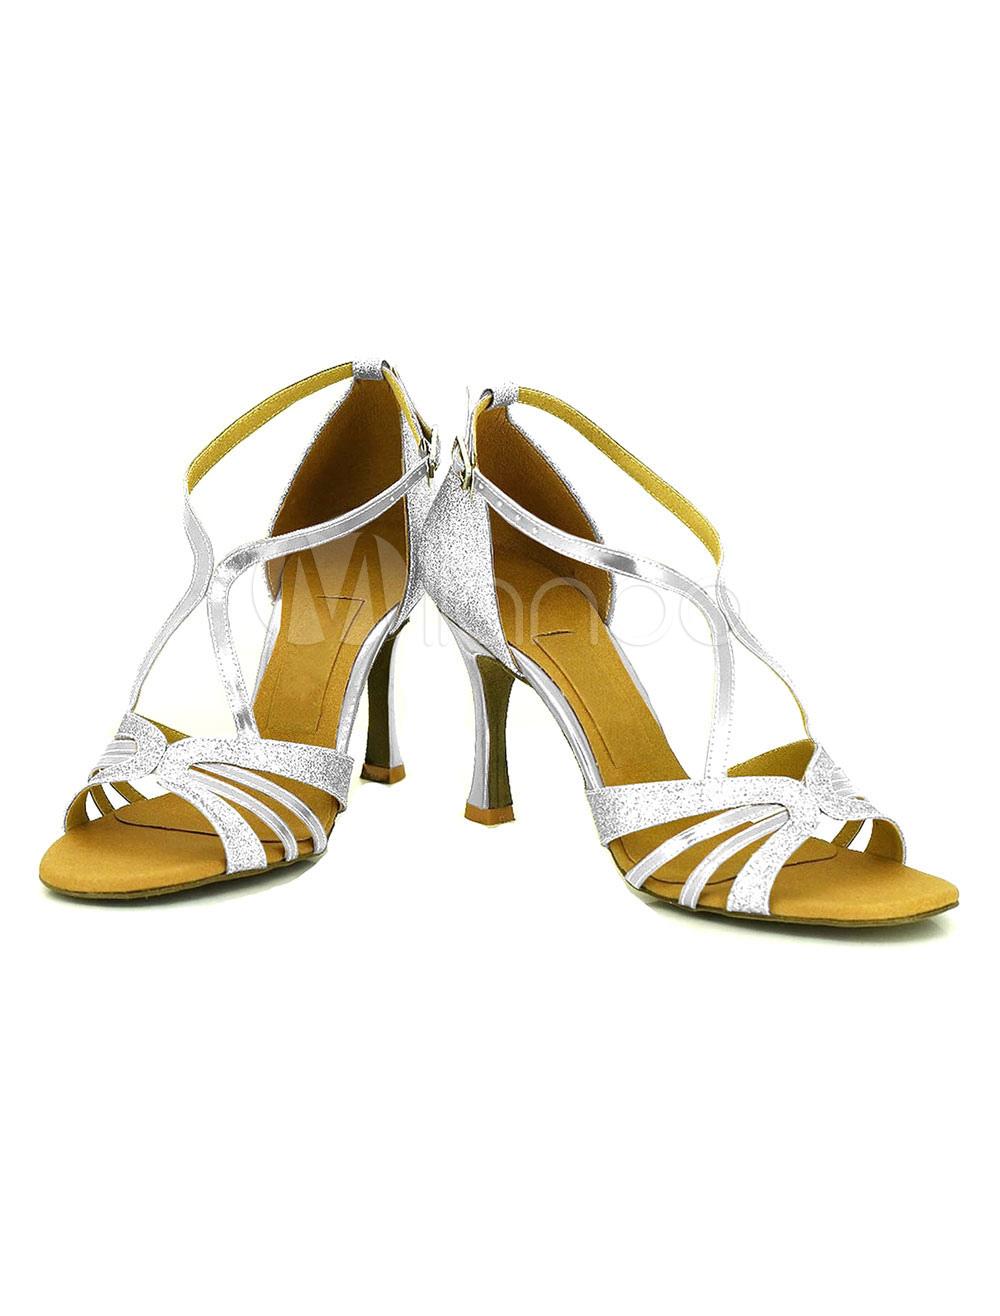 Baile negro del alto talón con lentejuelas Criss-cross modificado para requisitos particulares de la mujer salón zapatos omOjy